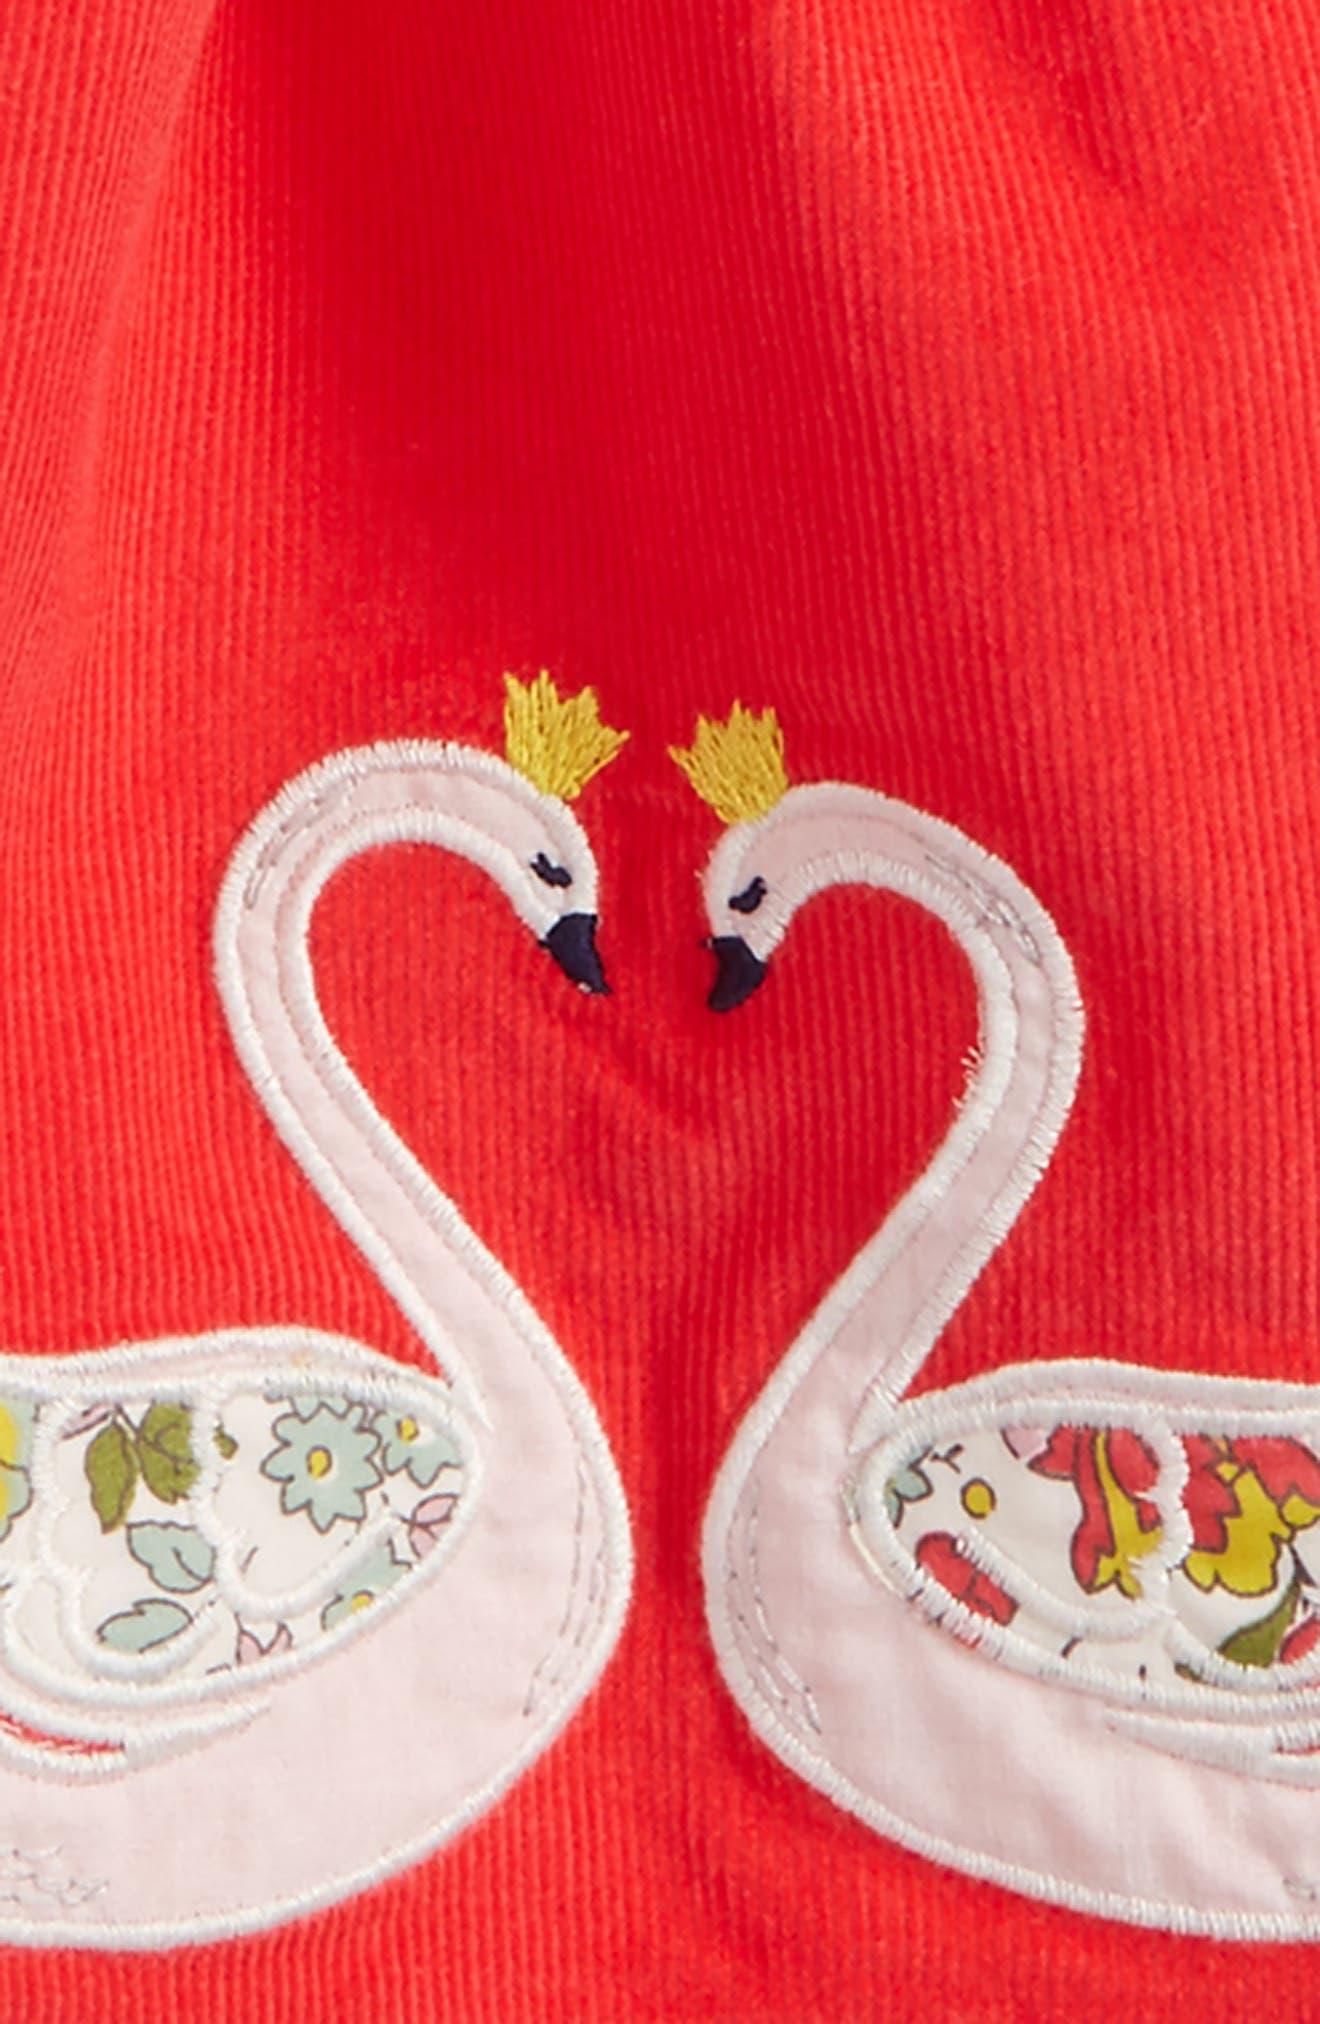 Fairytale Appliqué Corduroy Skirt,                             Alternate thumbnail 2, color,                             Pink Berry